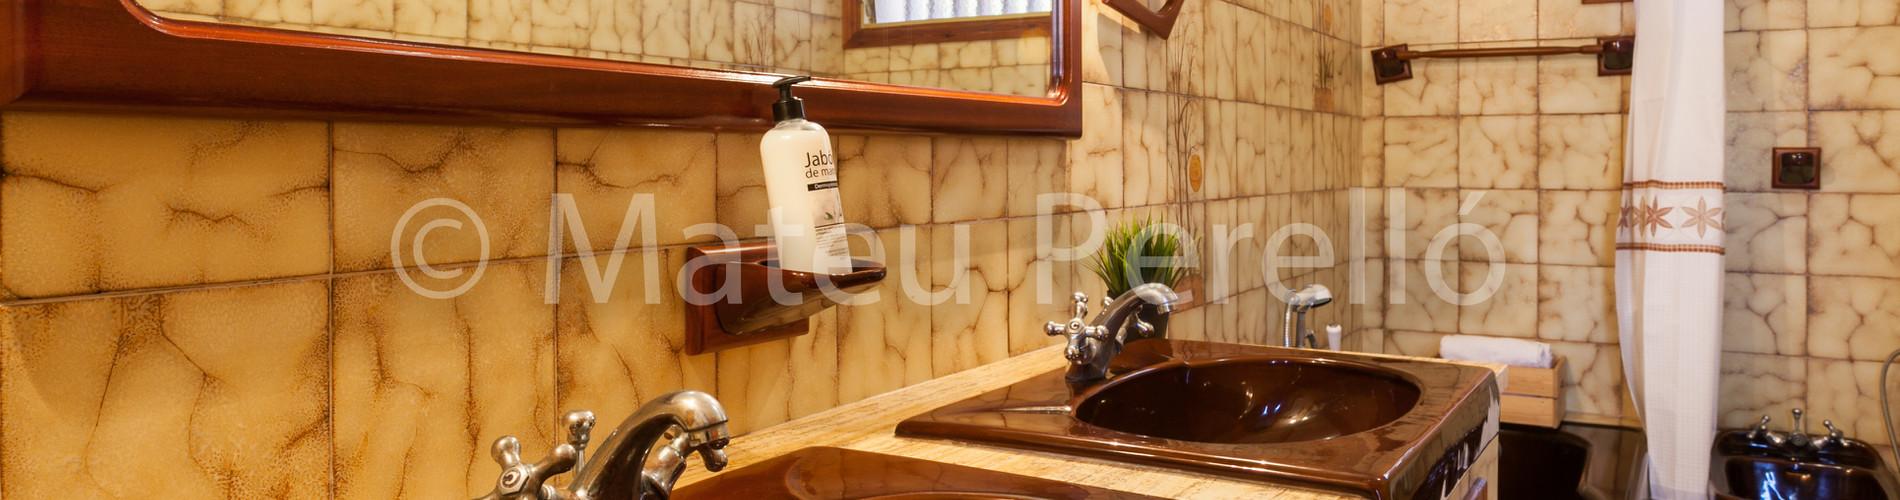 Full Size of Villa Damar In Ca039n Picafort Happymallorca Rentals Having Betten Mannheim Antike Ohne Kopfteil Boxspring Weiße Landhausstil Rauch 140x200 Poco Mit Stauraum Bett Jabo Betten